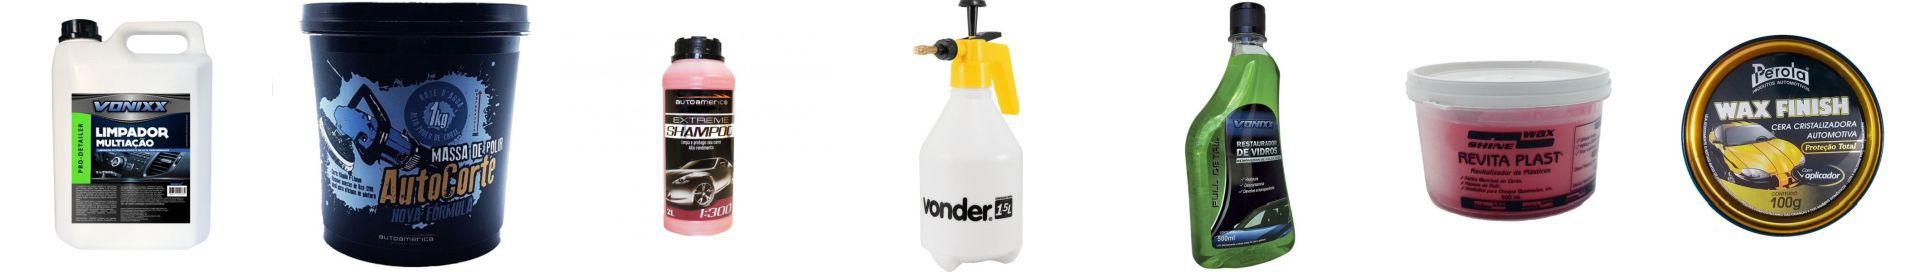 Kit Cera+Shampoo+Massa De Polir+Restaurador De Vidro+Revitalizador+Pulverizador+Multiação